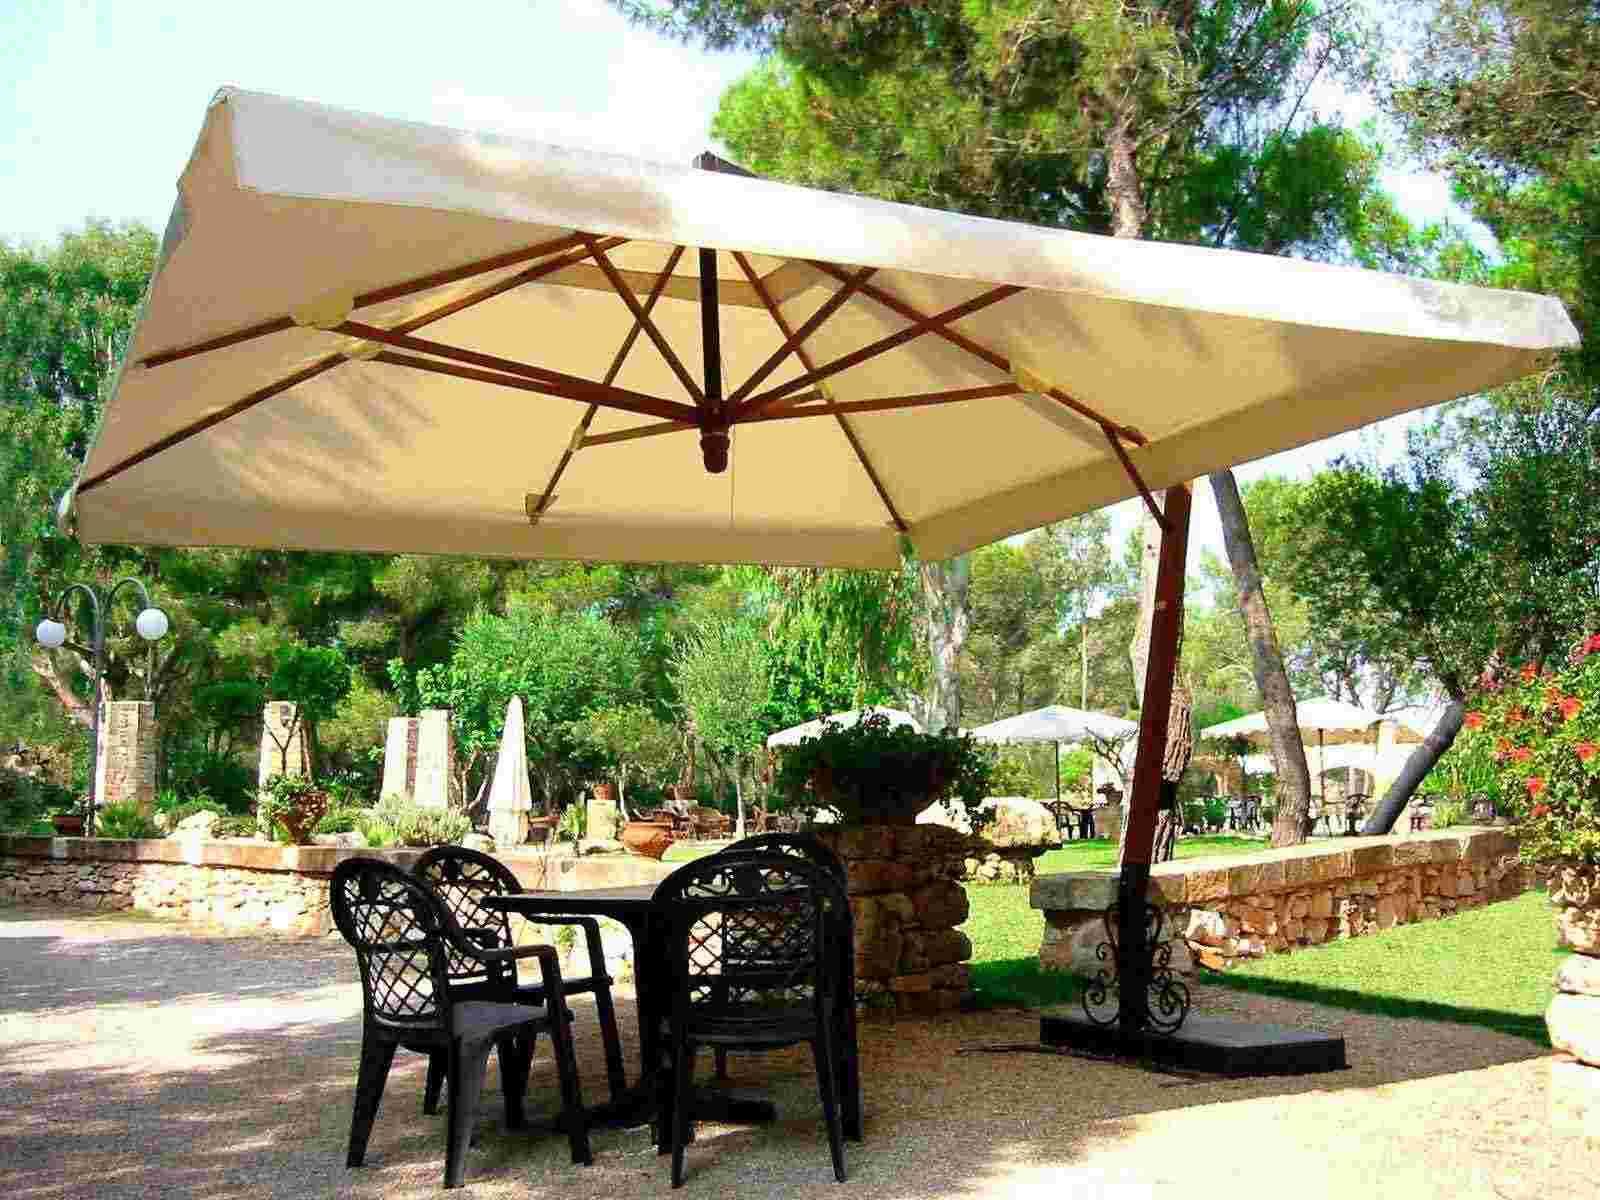 patio umbrella: a comprehensive care and maintenance guide Backyard Umbrella